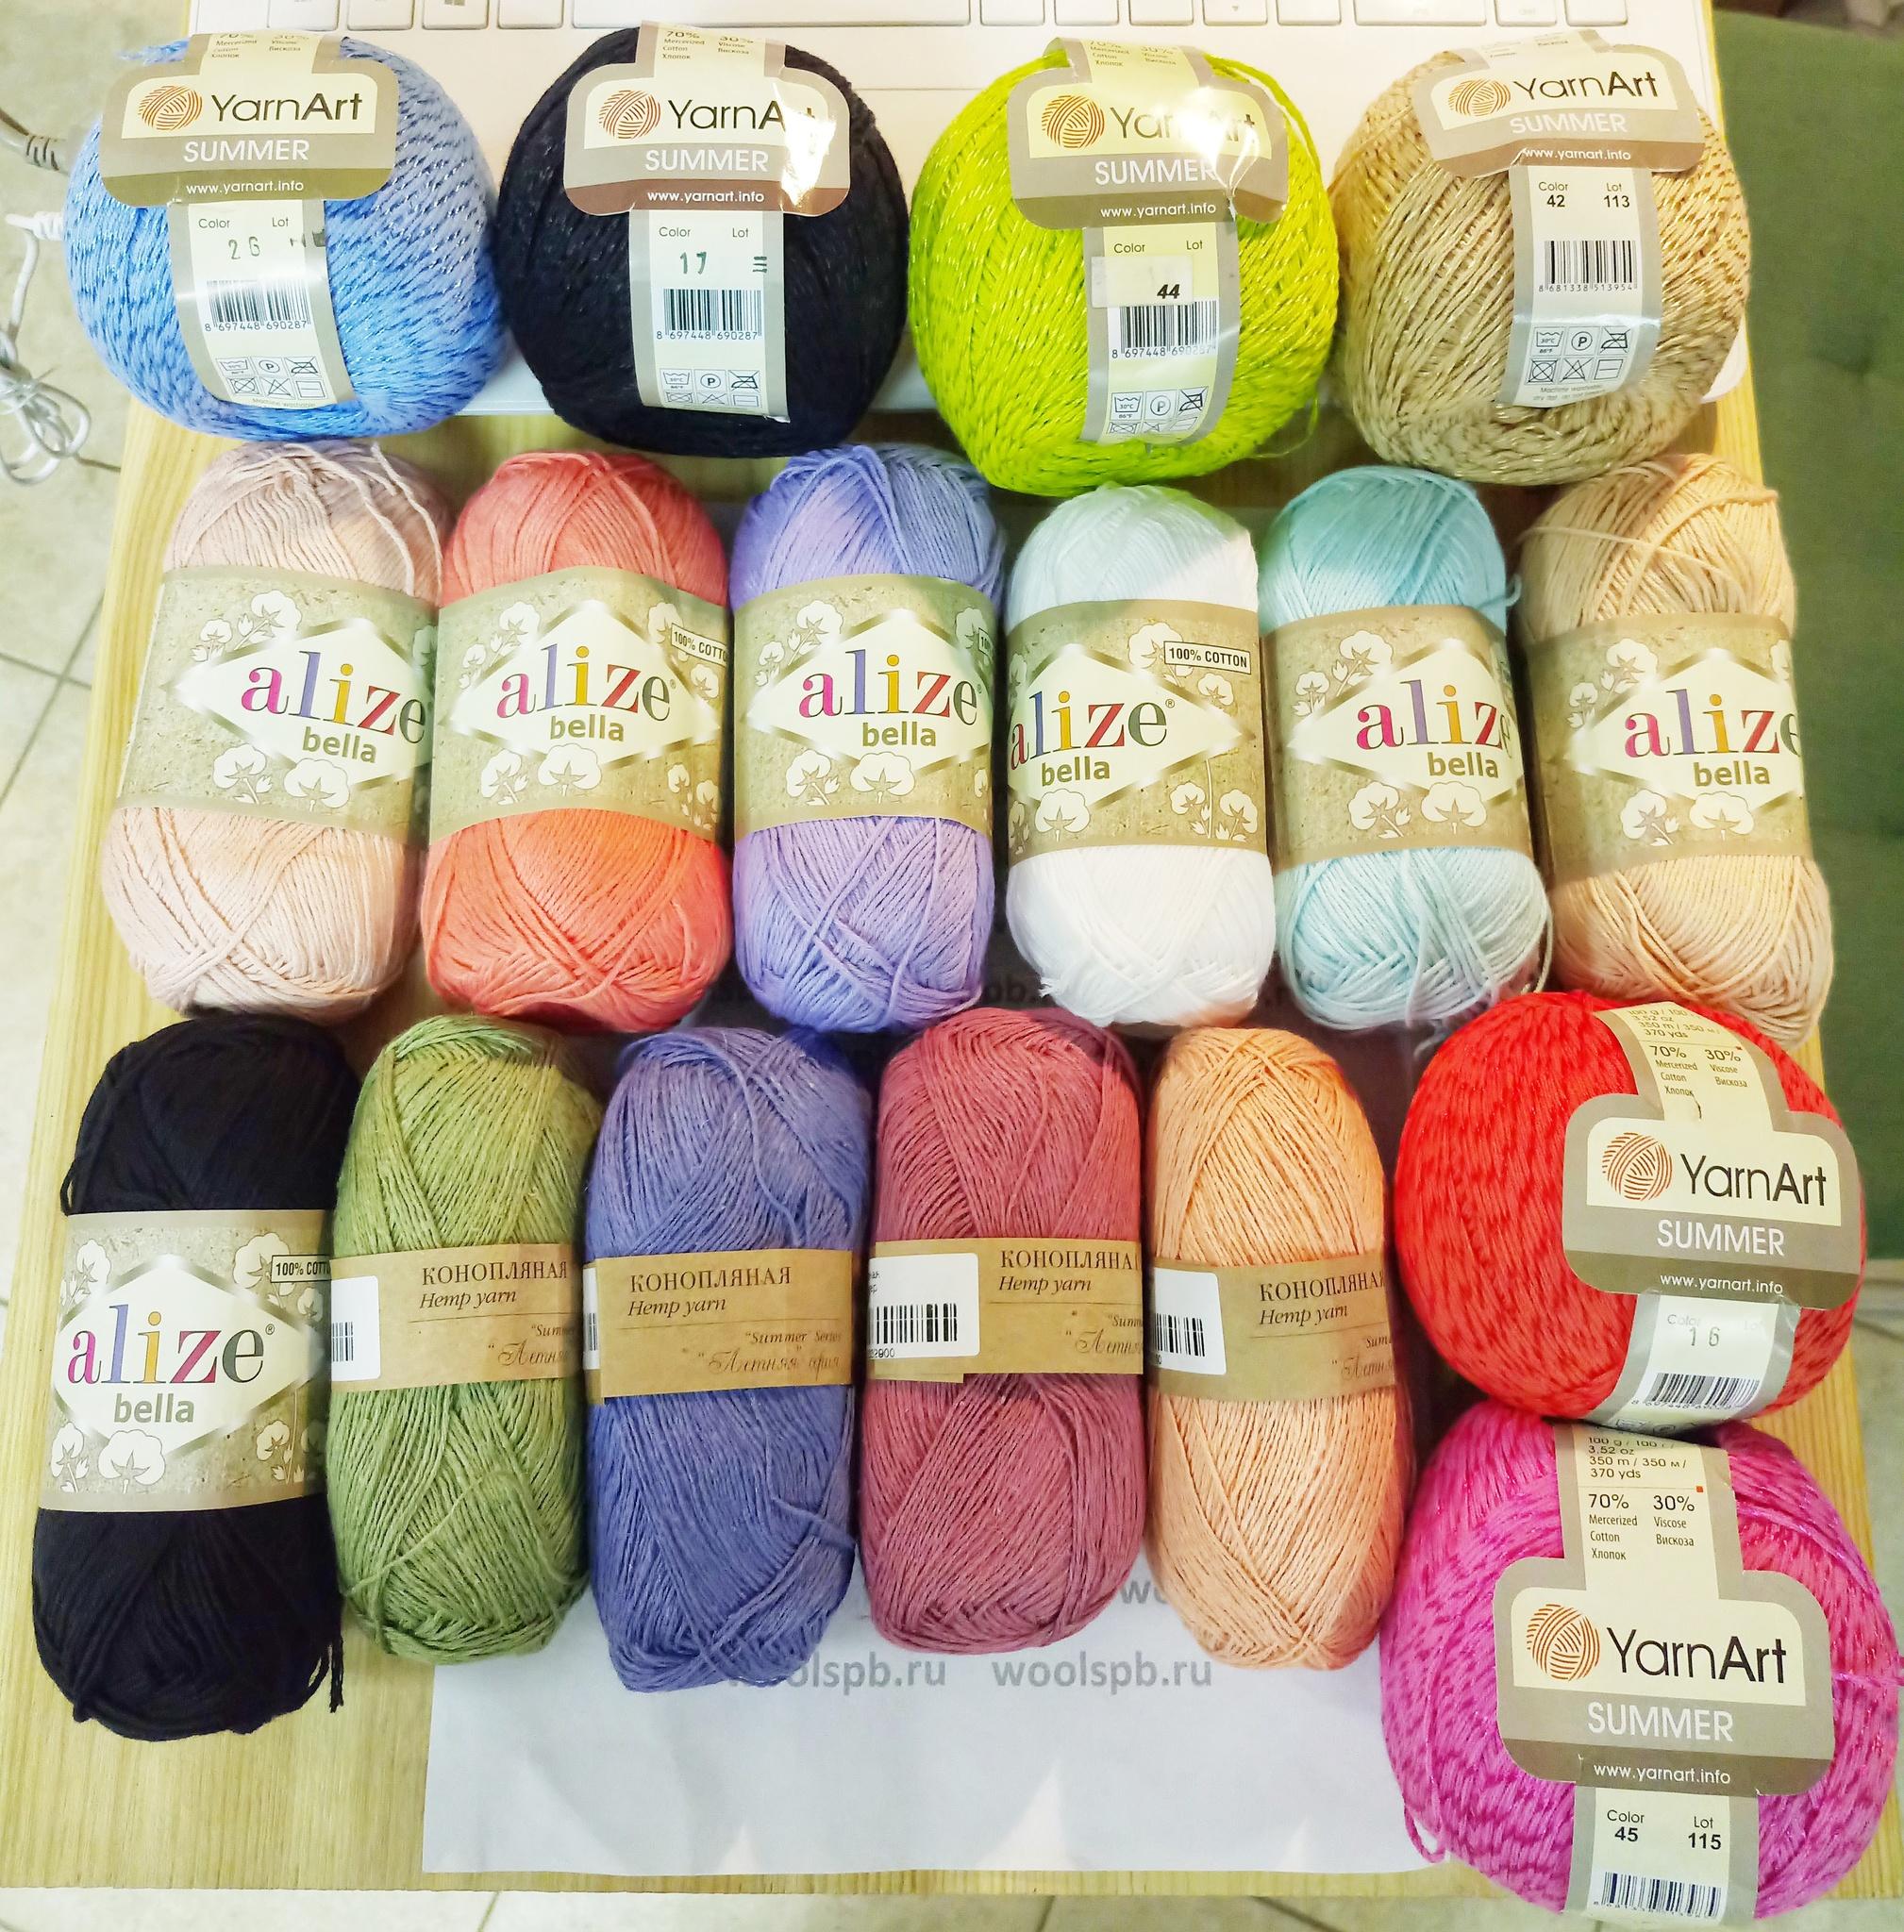 Хлопок Bella (Alize), Конопляная (Пехорка) и Summer (Yarn Art) в нашем магазине!